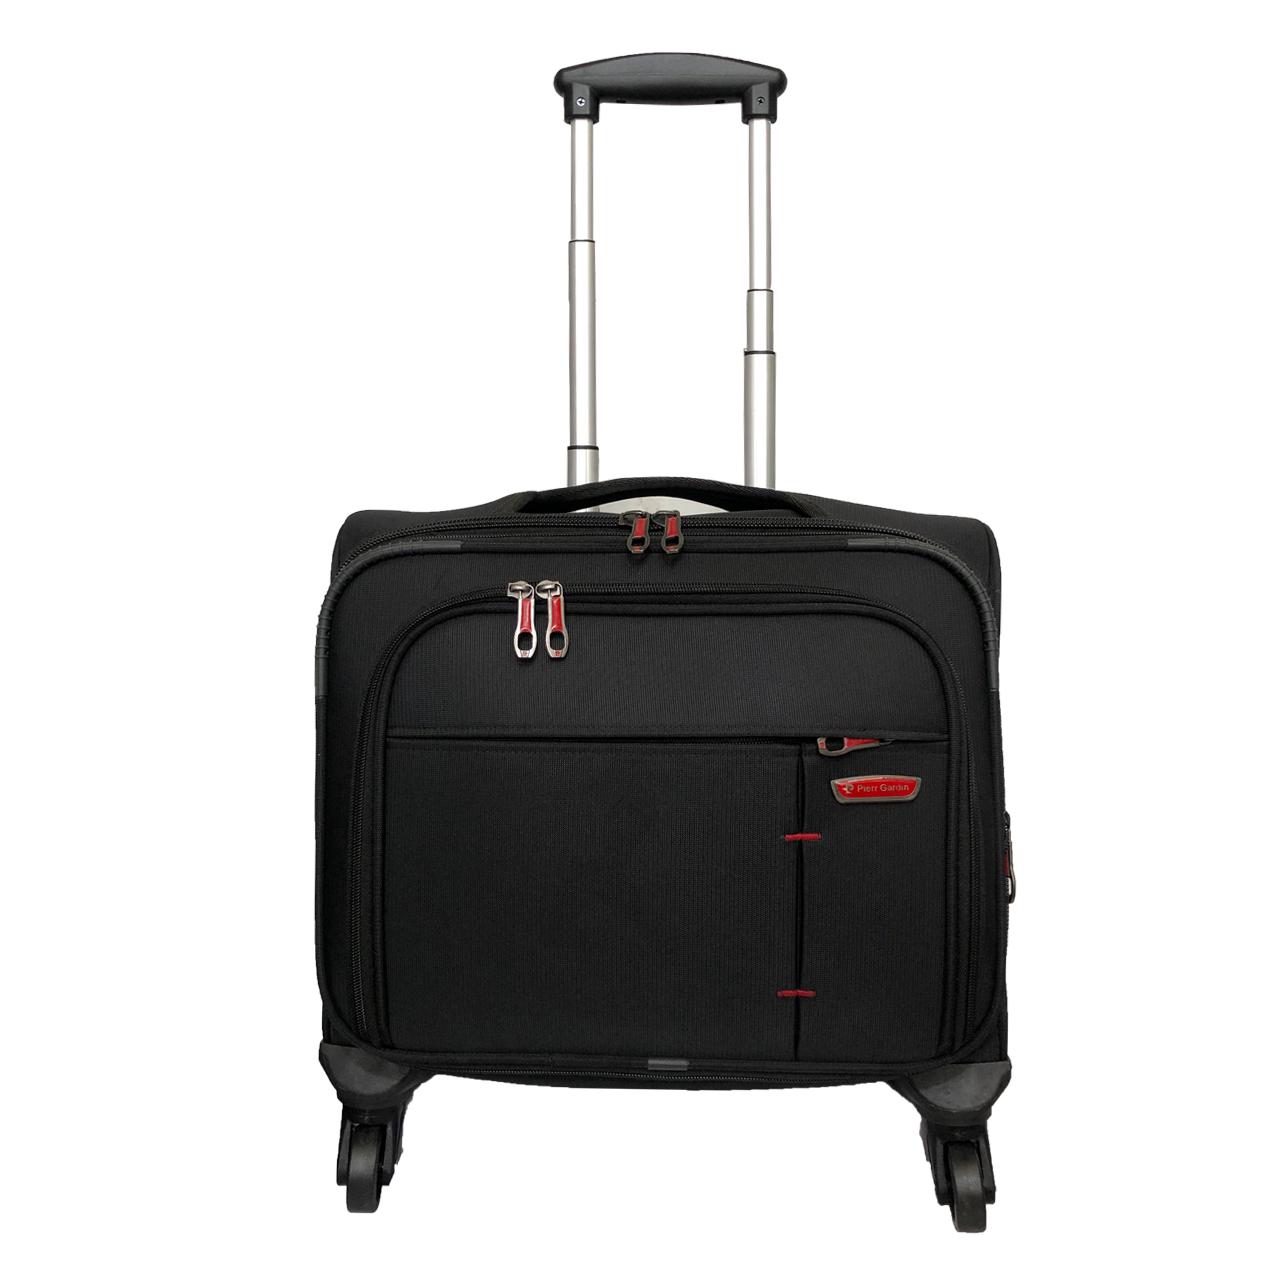 چمدان خلبانی کد CATHAD4